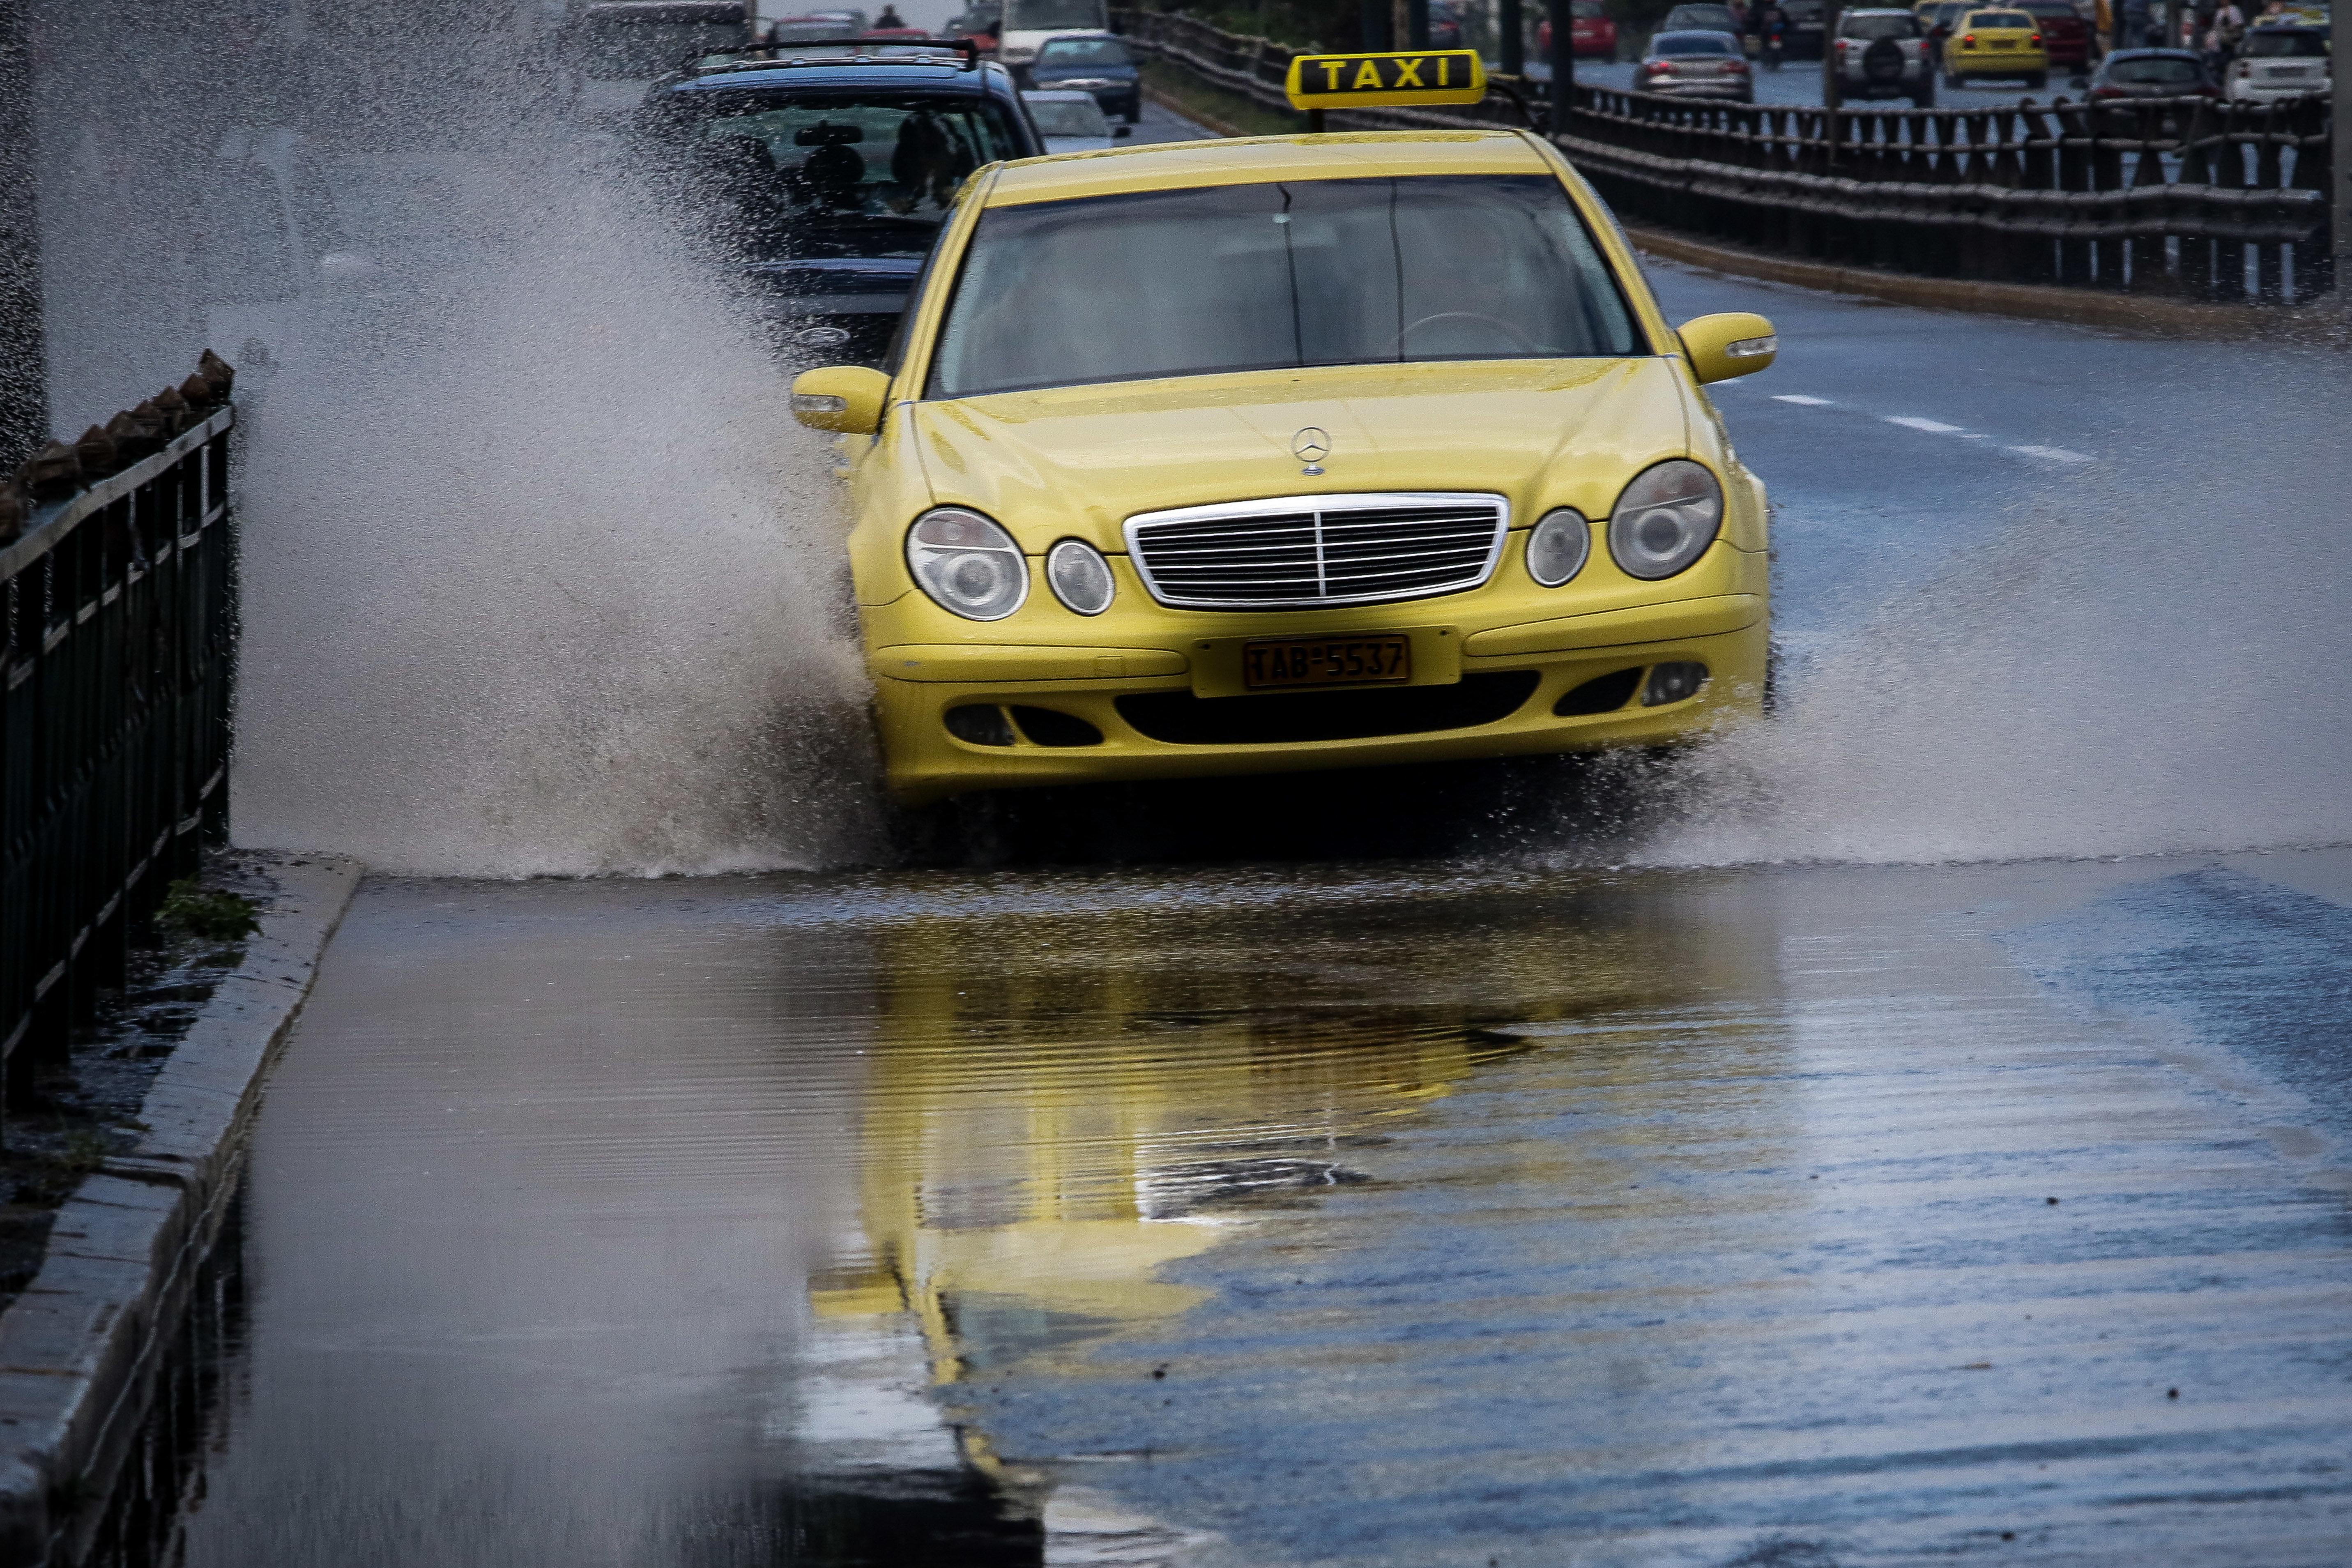 Έρχονται βαριά πρόστιμα στους οδηγούς ταξί που δεν σέβονται τον